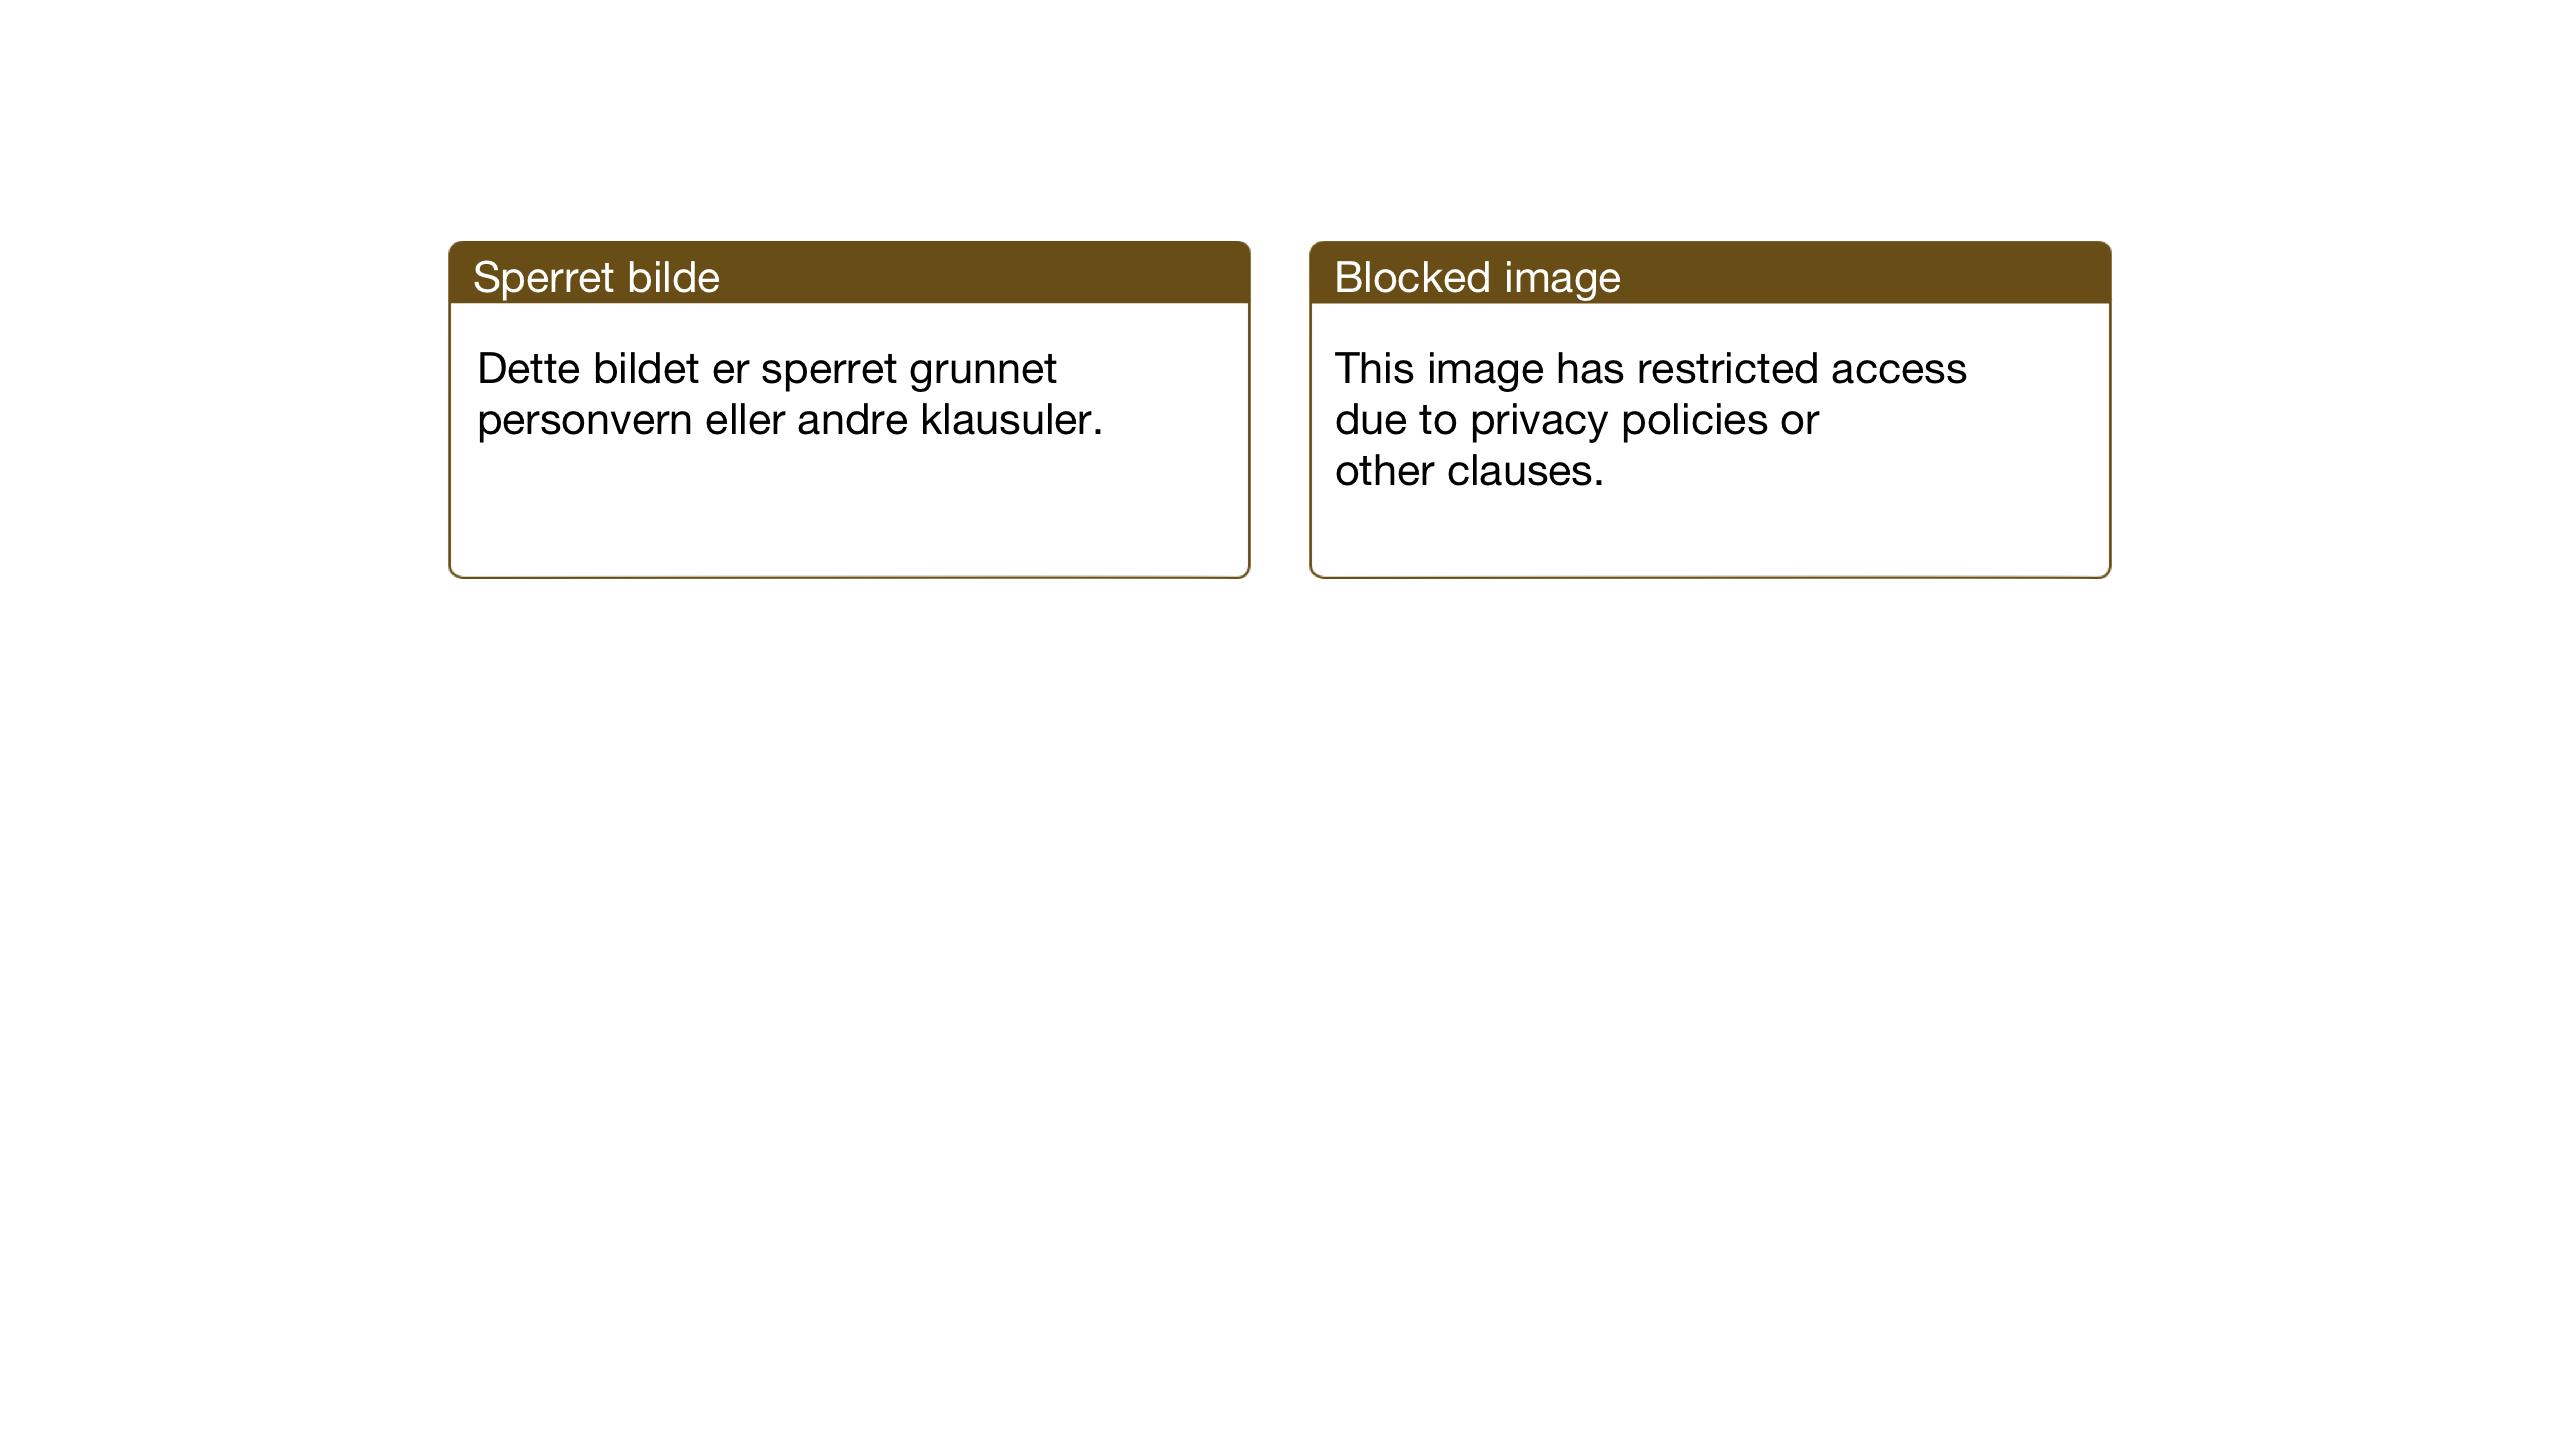 SAT, Ministerialprotokoller, klokkerbøker og fødselsregistre - Sør-Trøndelag, 651/L0648: Klokkerbok nr. 651C02, 1915-1945, s. 199